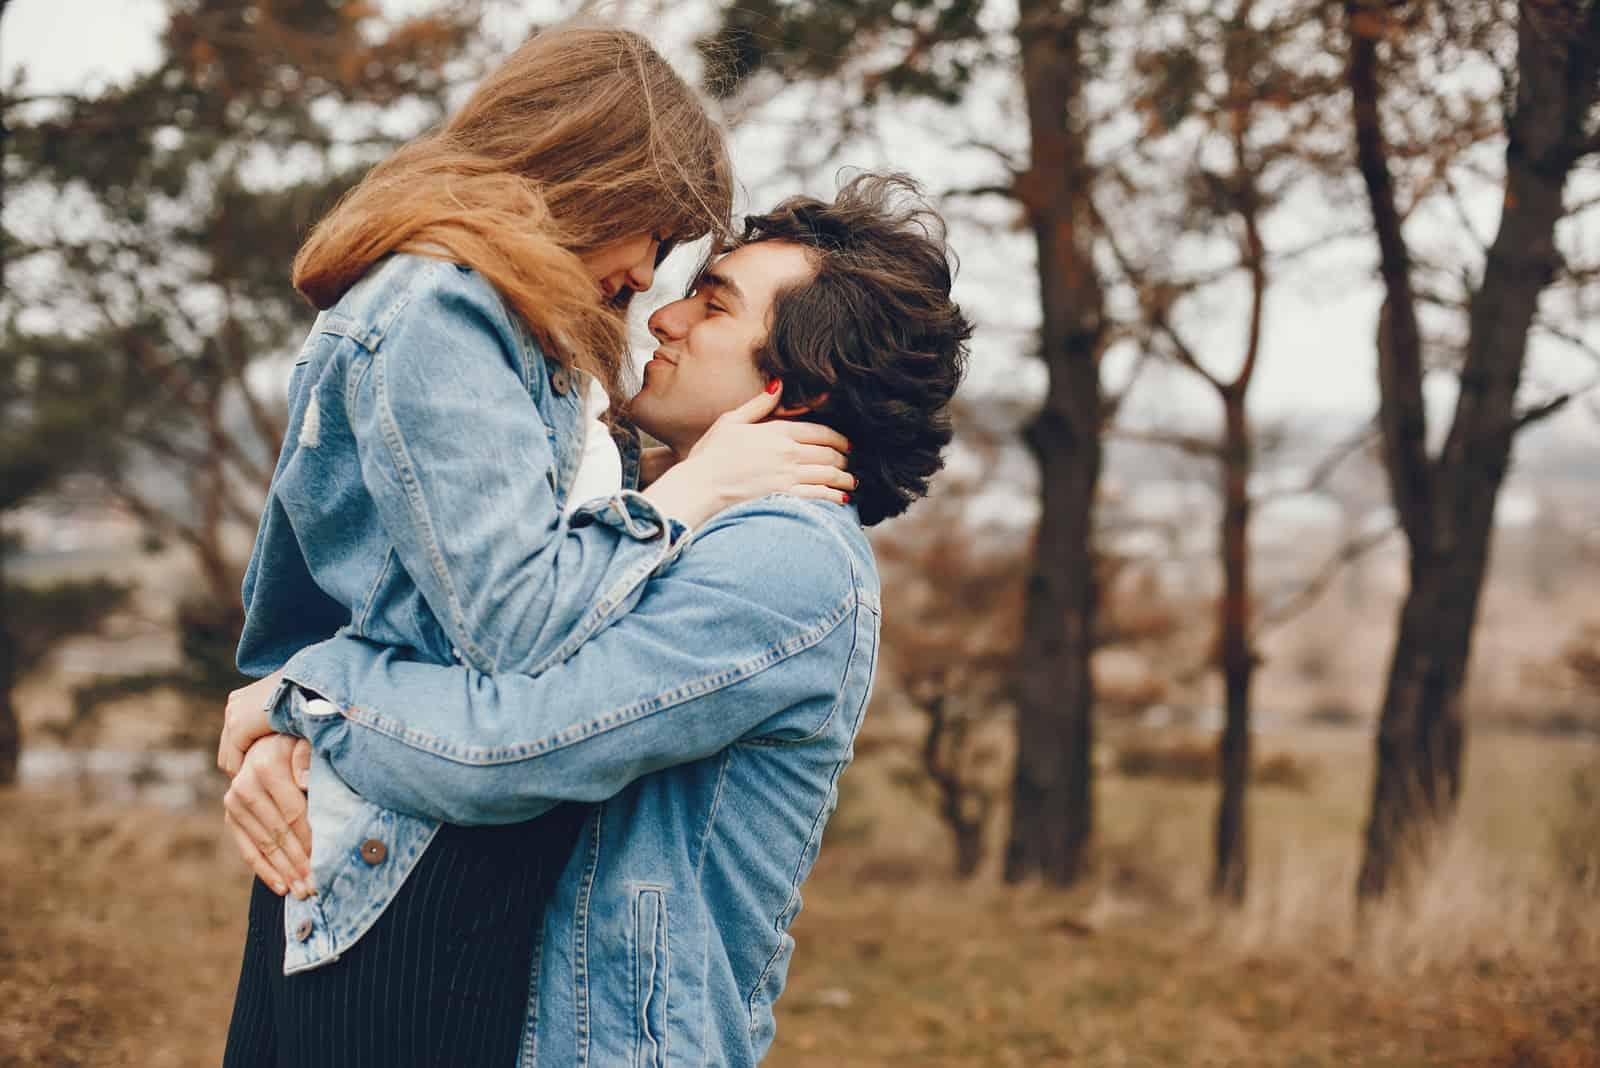 ein Mann umarmt eine blonde Frau und trägt sie